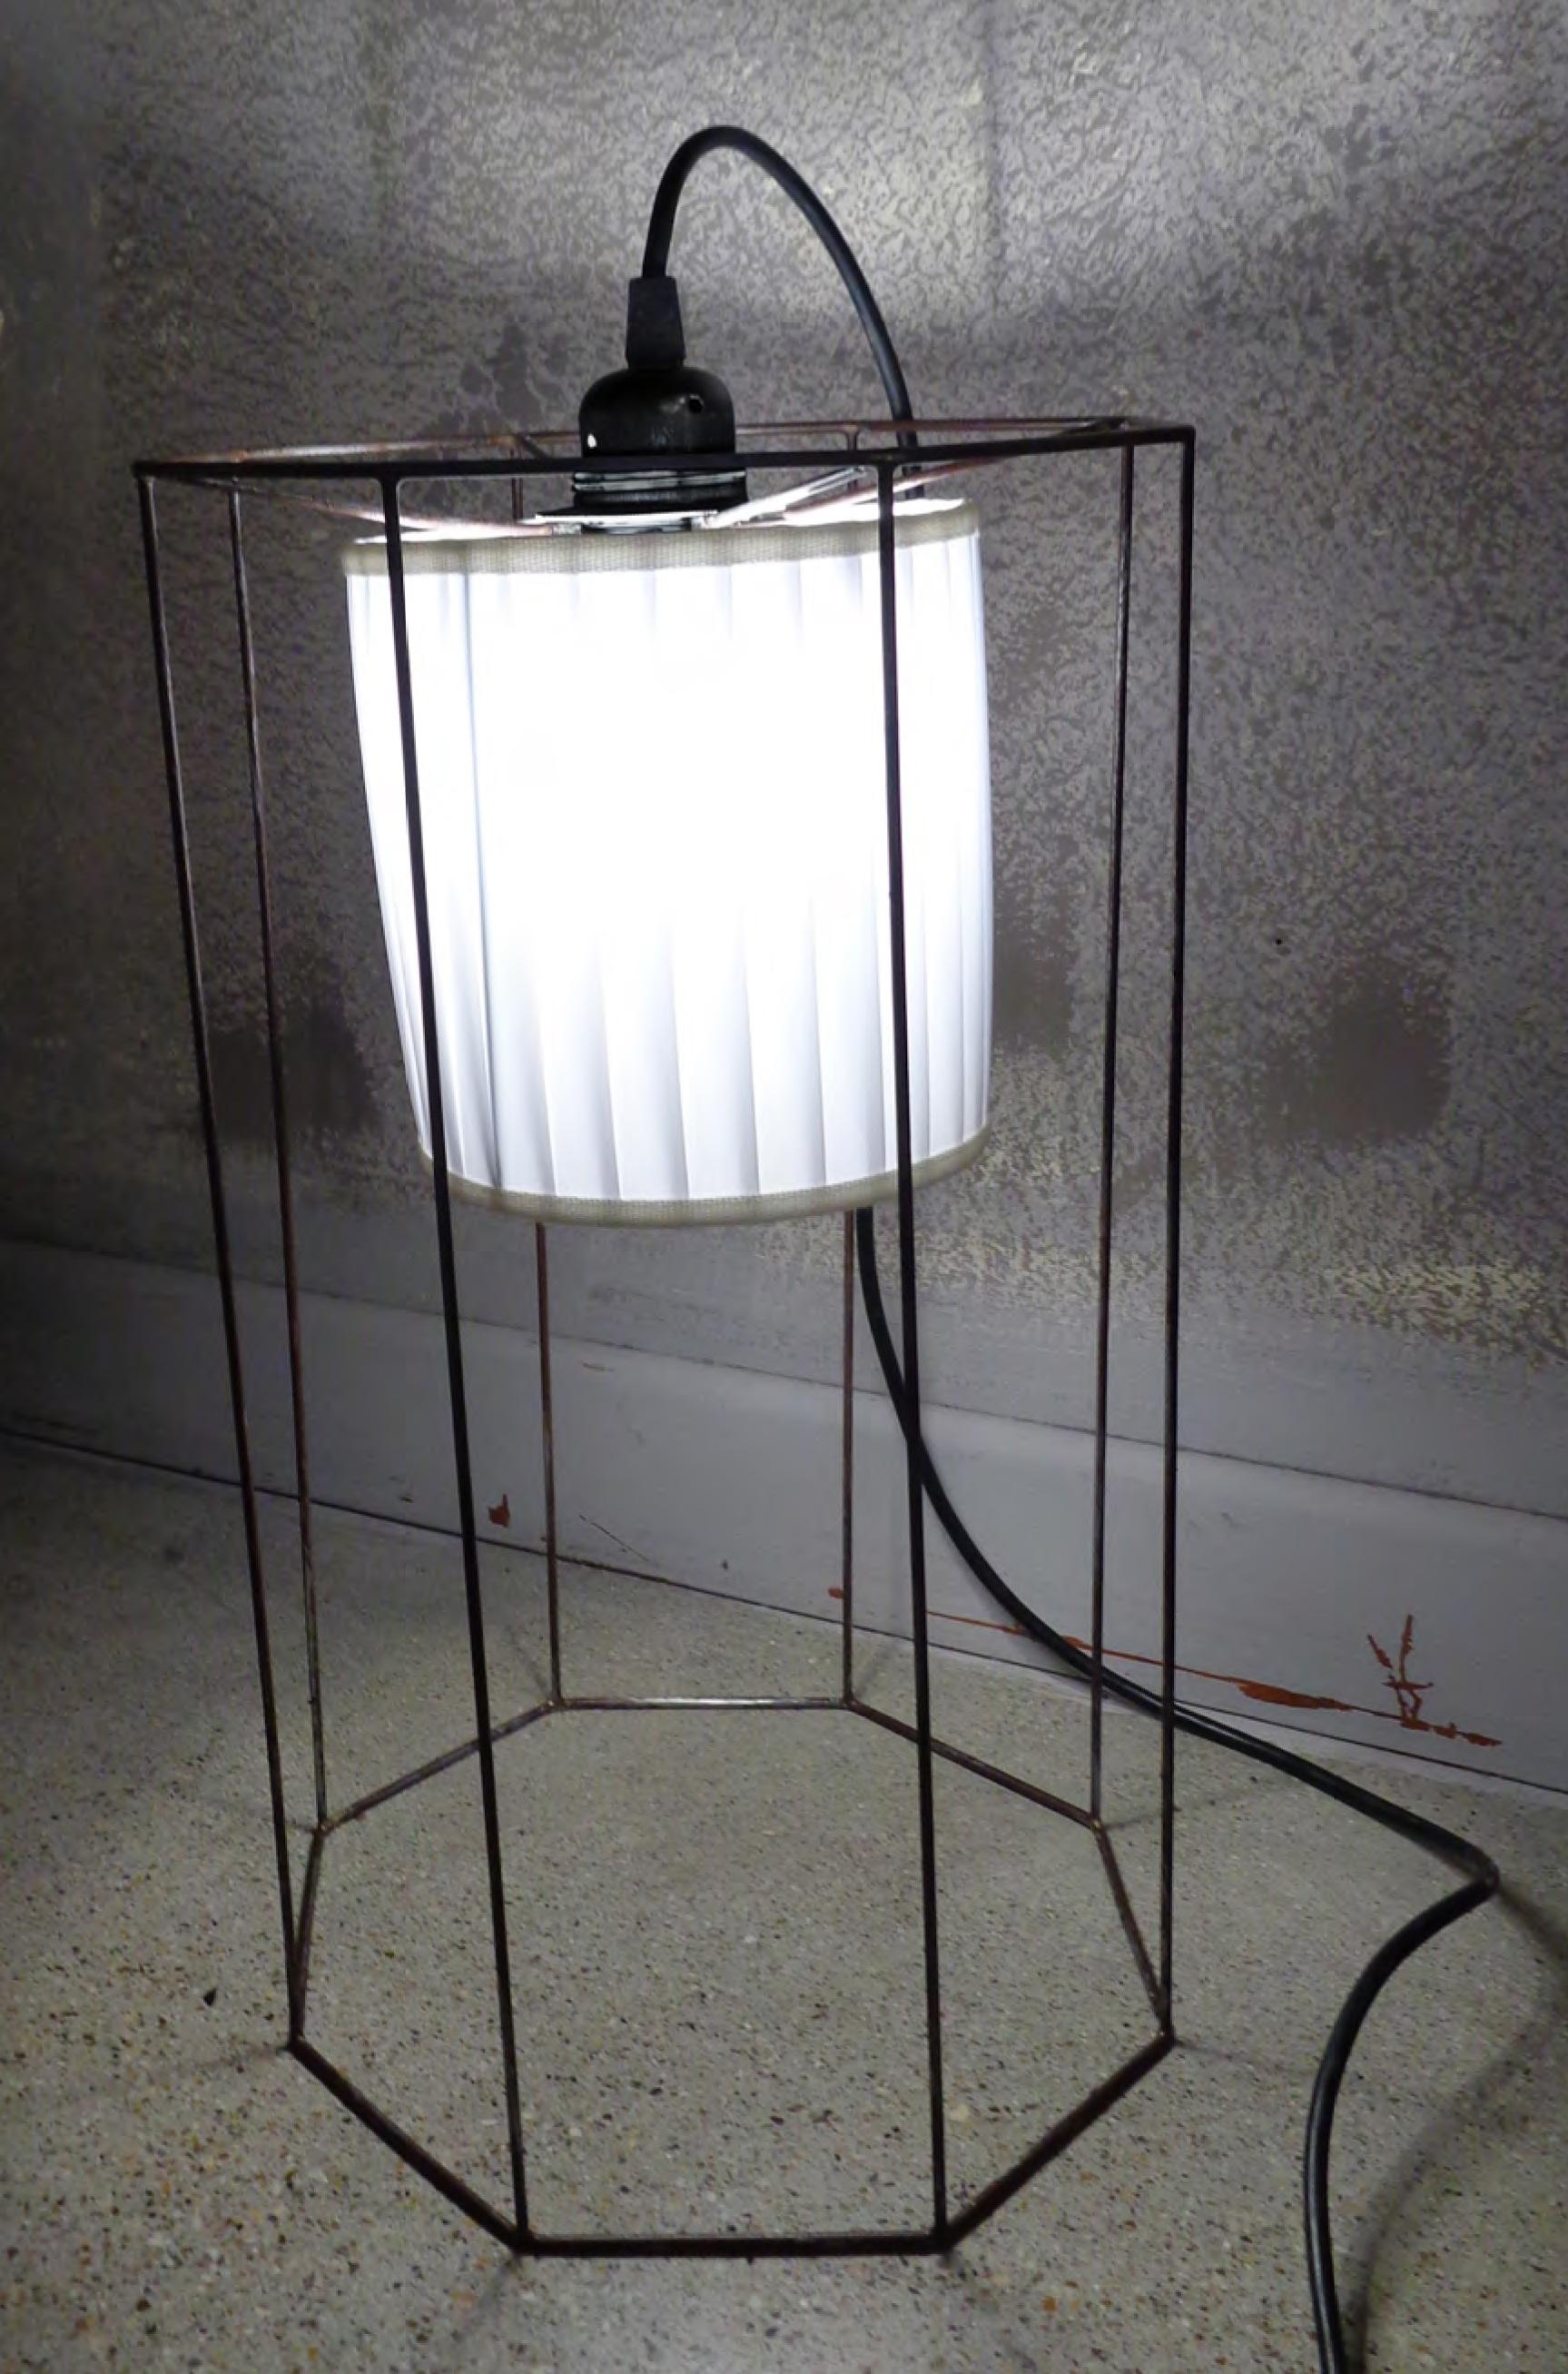 Lampadari per camere da letto   notali lampadari   collepasso (lecce)